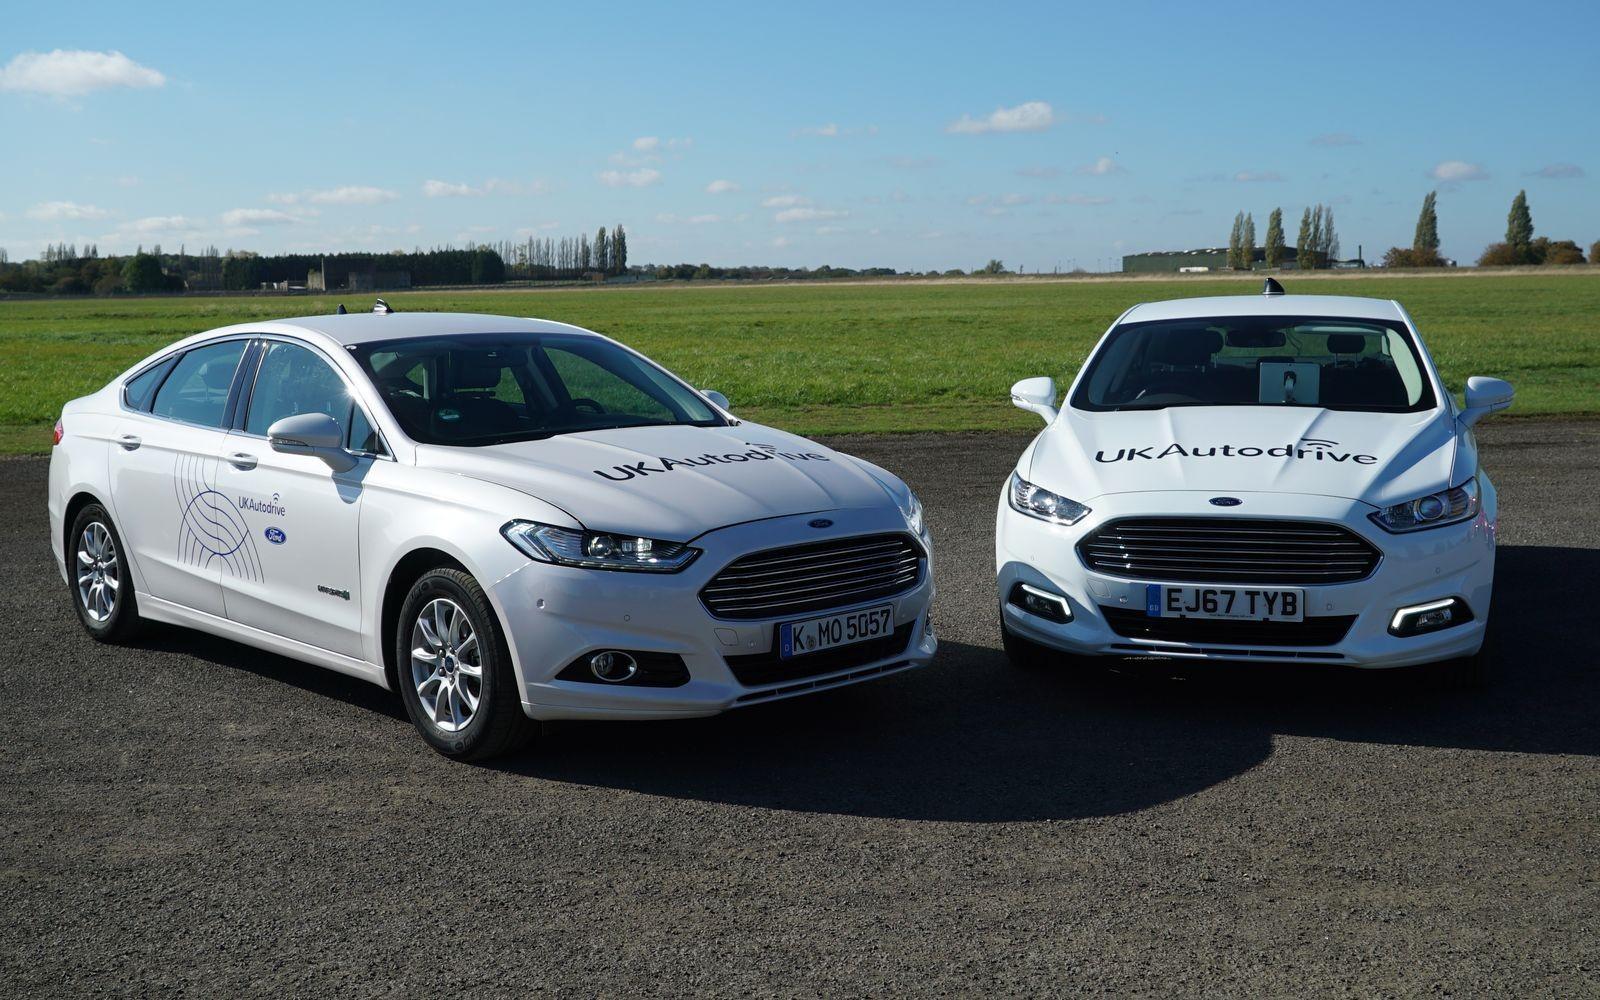 Седаны Mondeo, участвовавшие в программе UK Autodrive, не были снабжены лидарами и прочими типичными «органами» искусственного зрения беспилотников: их задача – показать пользу от коммуникации между автомобилями.